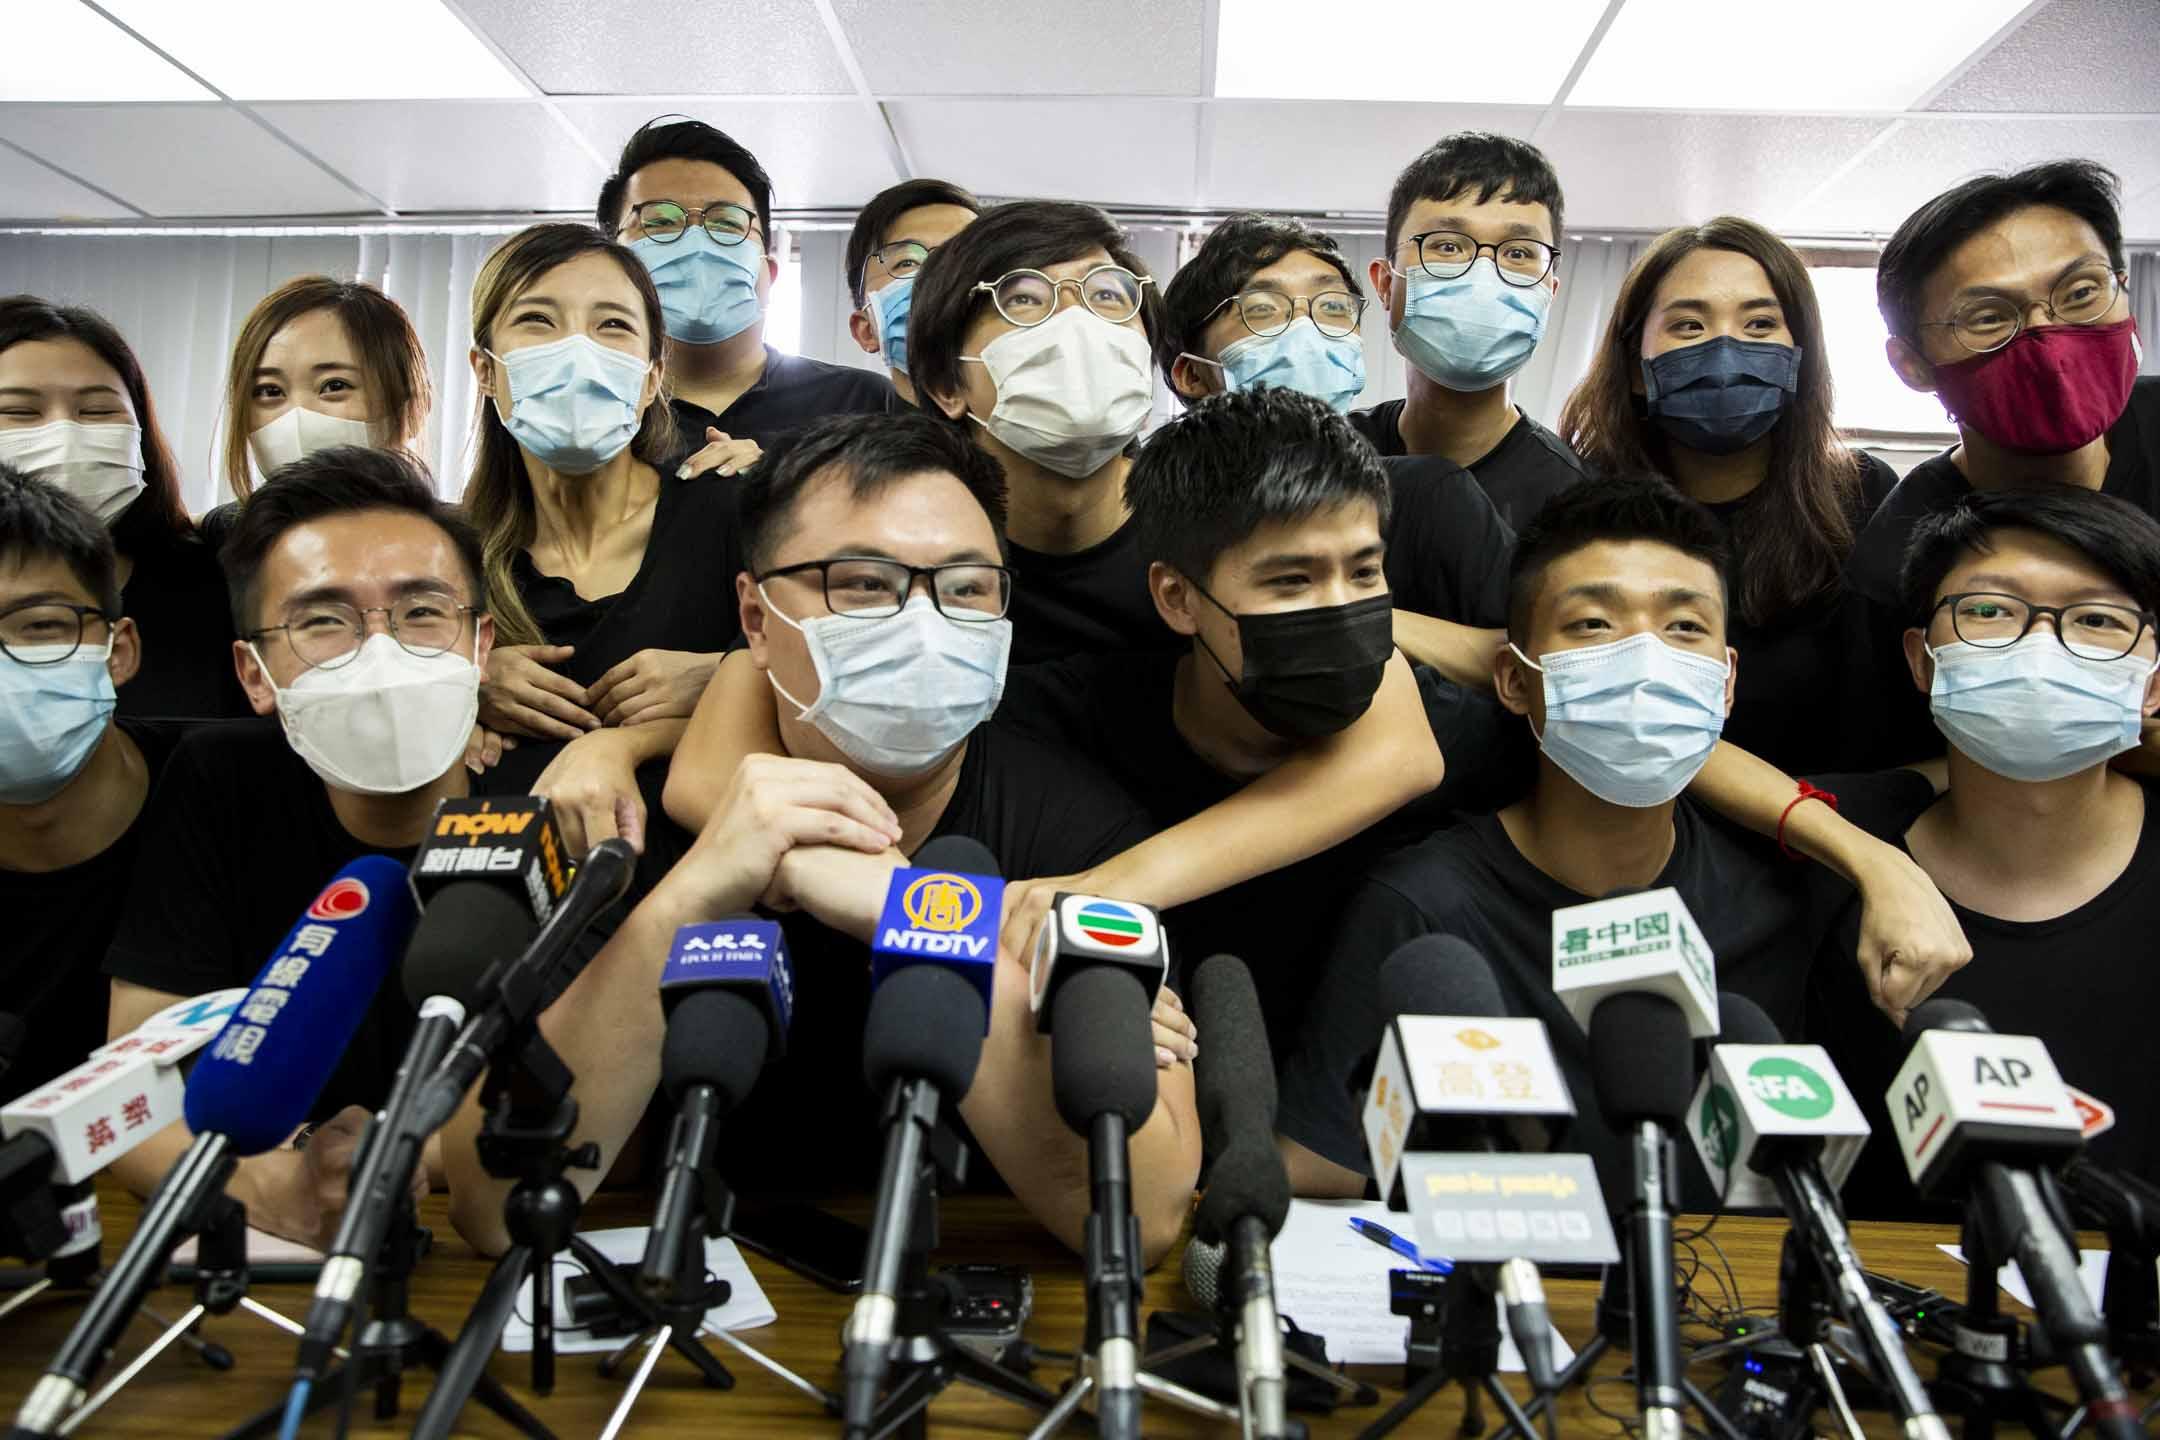 2020年7月15日,岑敖暉與15名抗爭派初選勝出的民主派參選人士舉行記者會。 攝:林振東/端傳媒